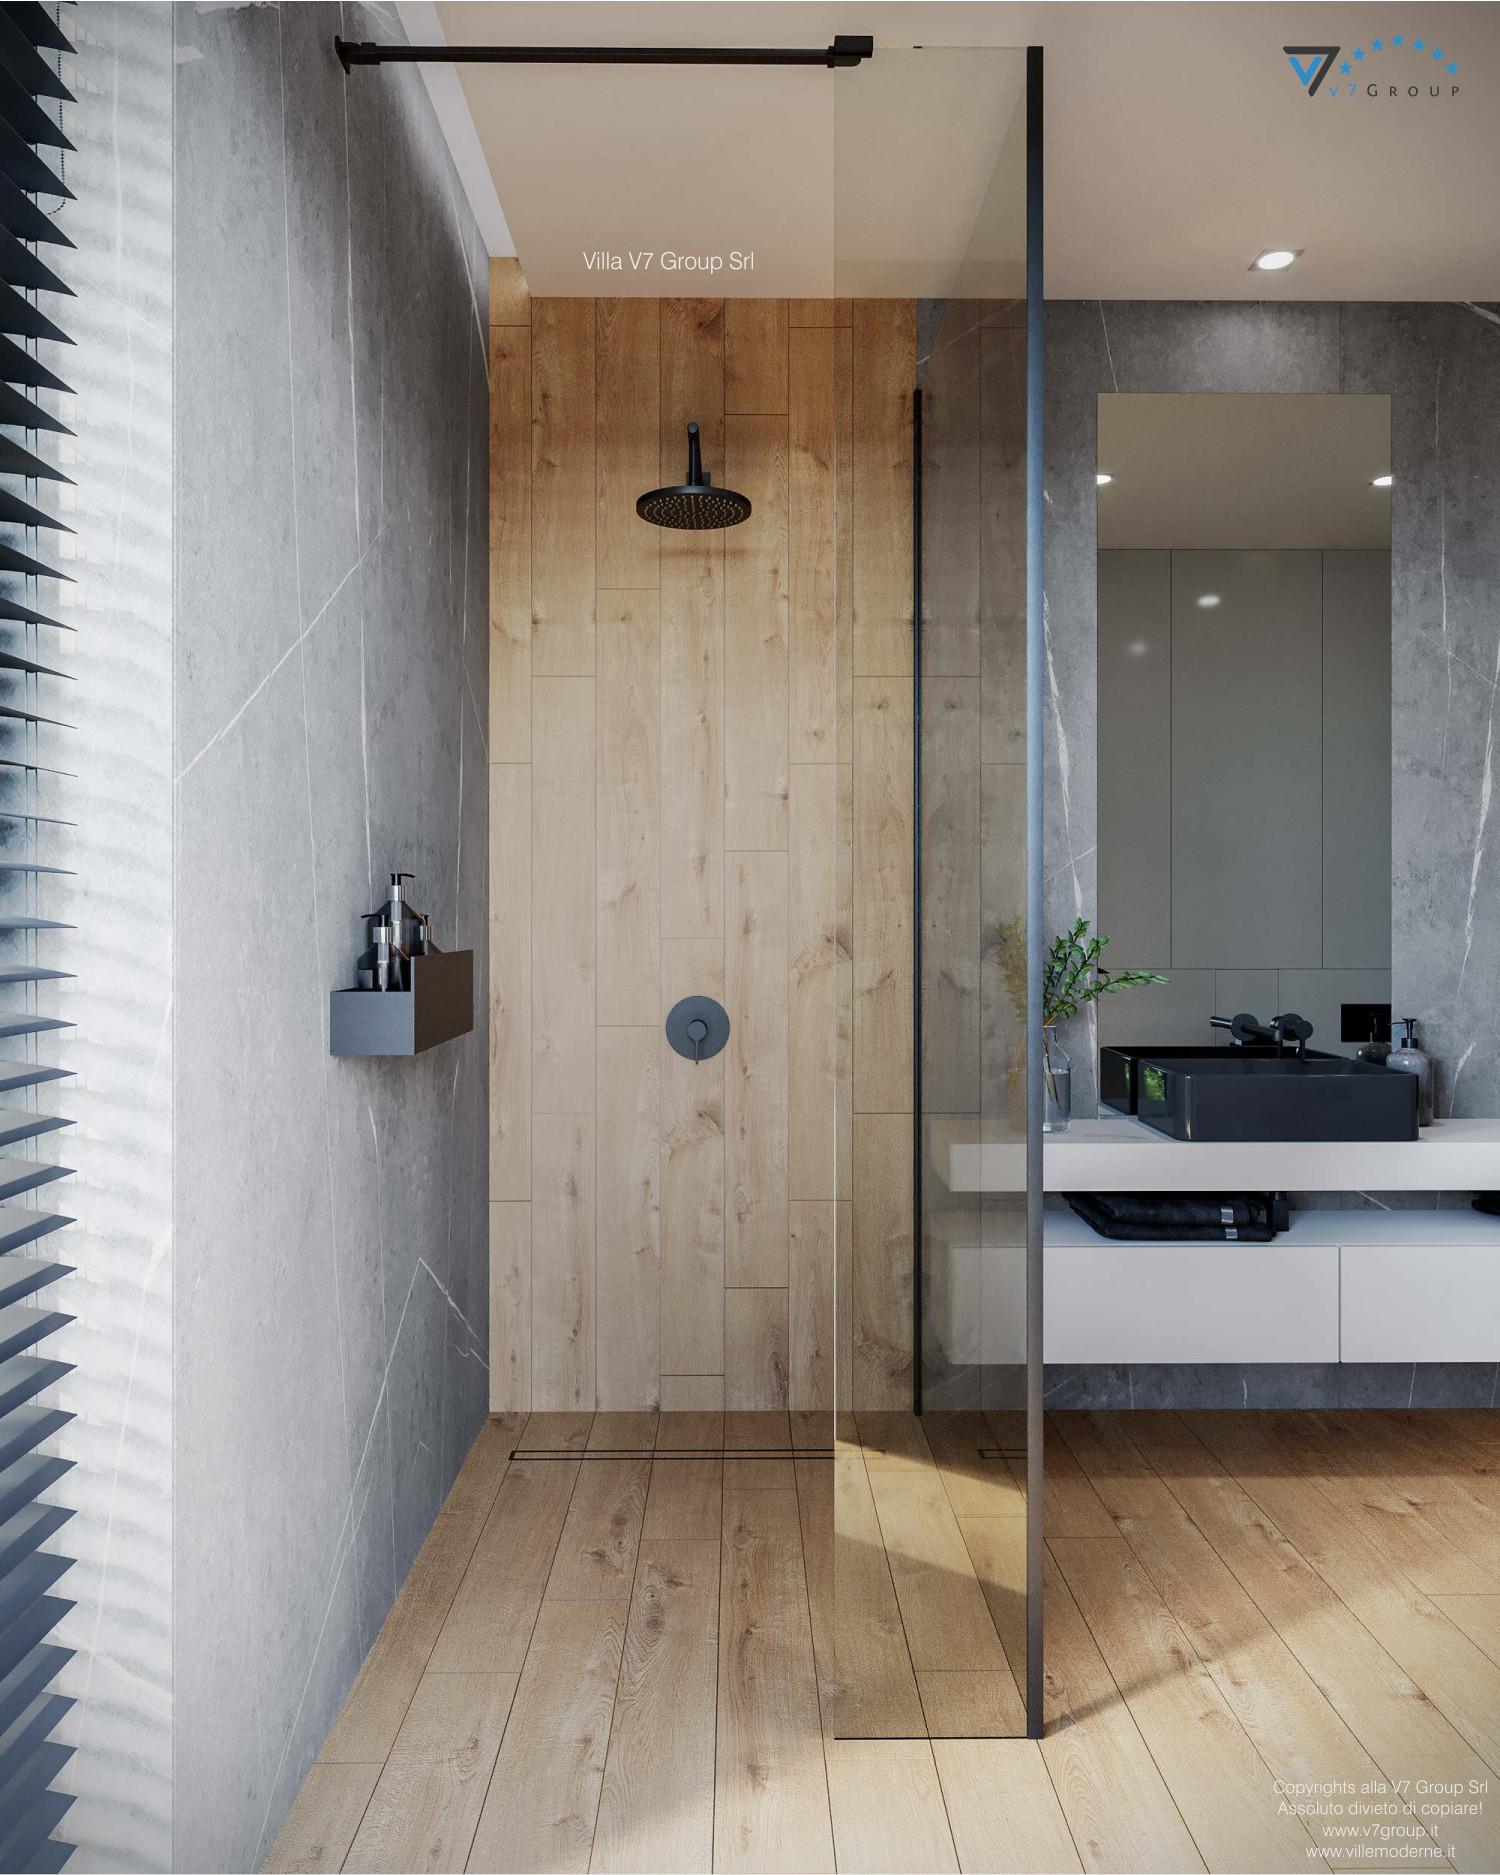 Immagine Villa V70 - interno 16 - il dettaglio della doccia